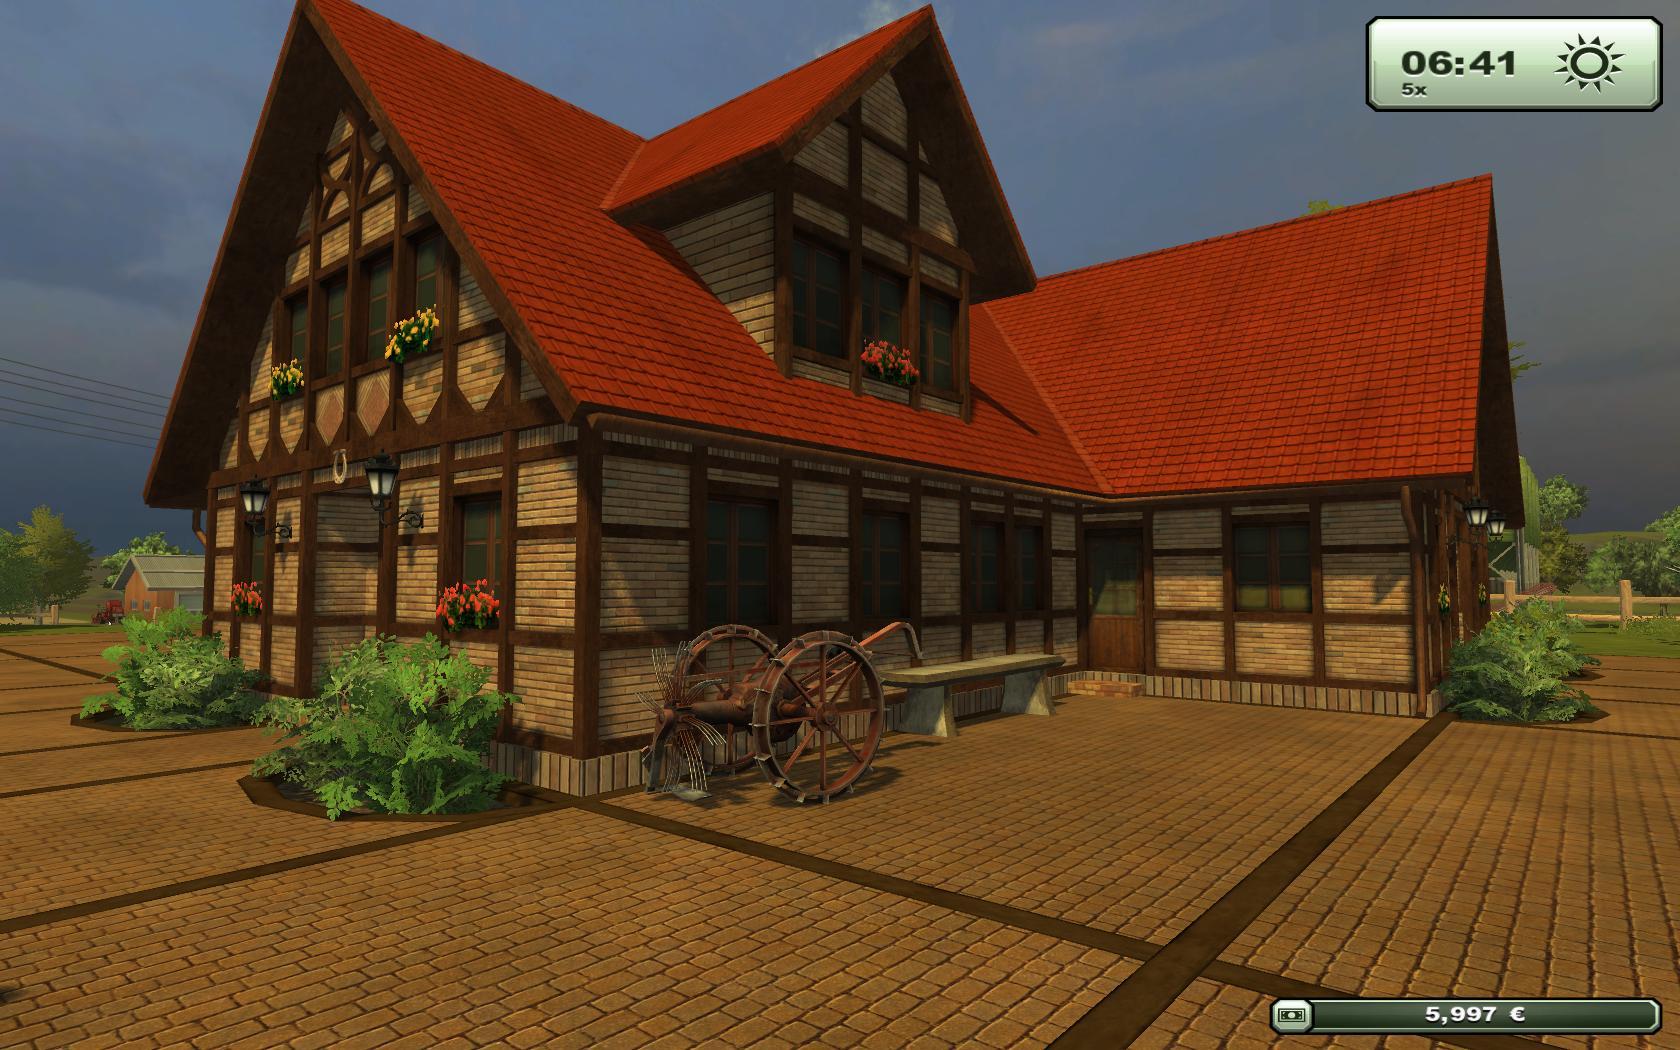 Test Landwirtschafts-Simulator 2013: Bauer sucht Fun - In diesem schicken Fachwerkhaus wohnt der Spieler - hinein kann er allerdings nicht.